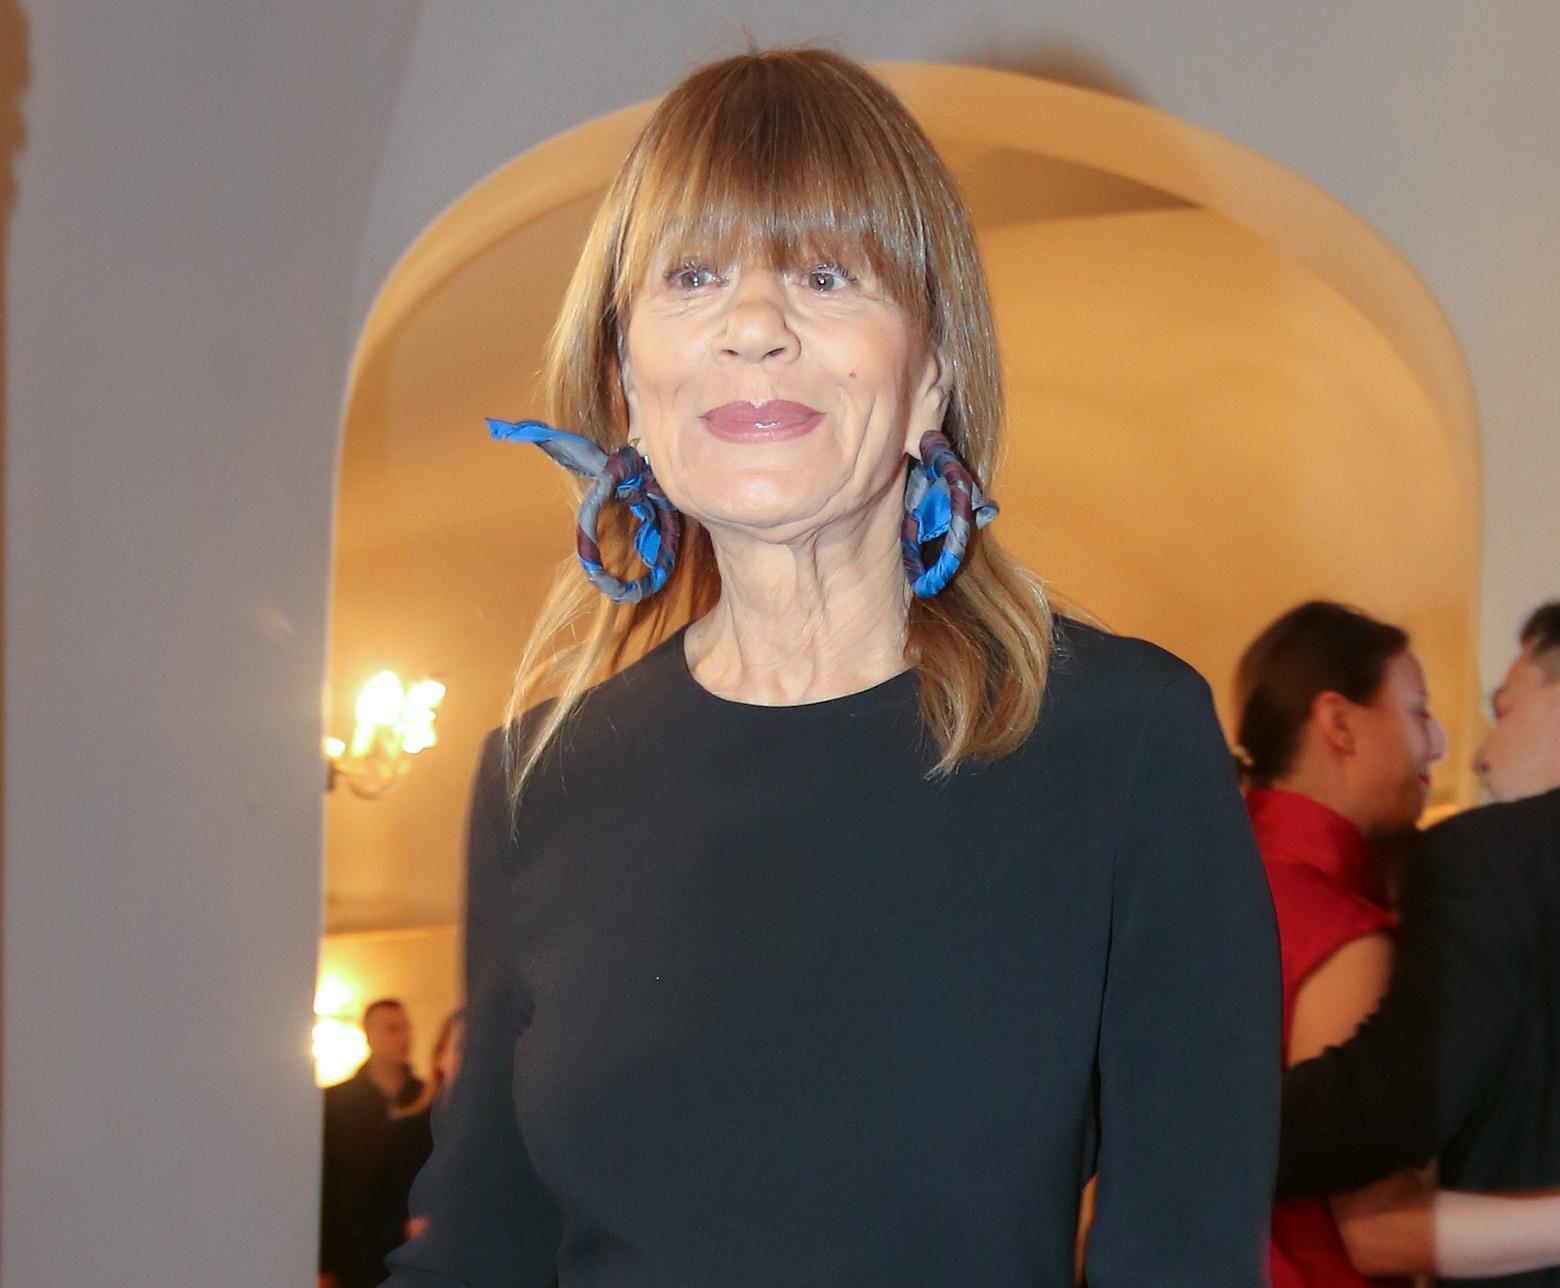 Resice su se vratile: Ovom haljinom Đurđa Tedeschi dokazala je zašto je prava modna ikona